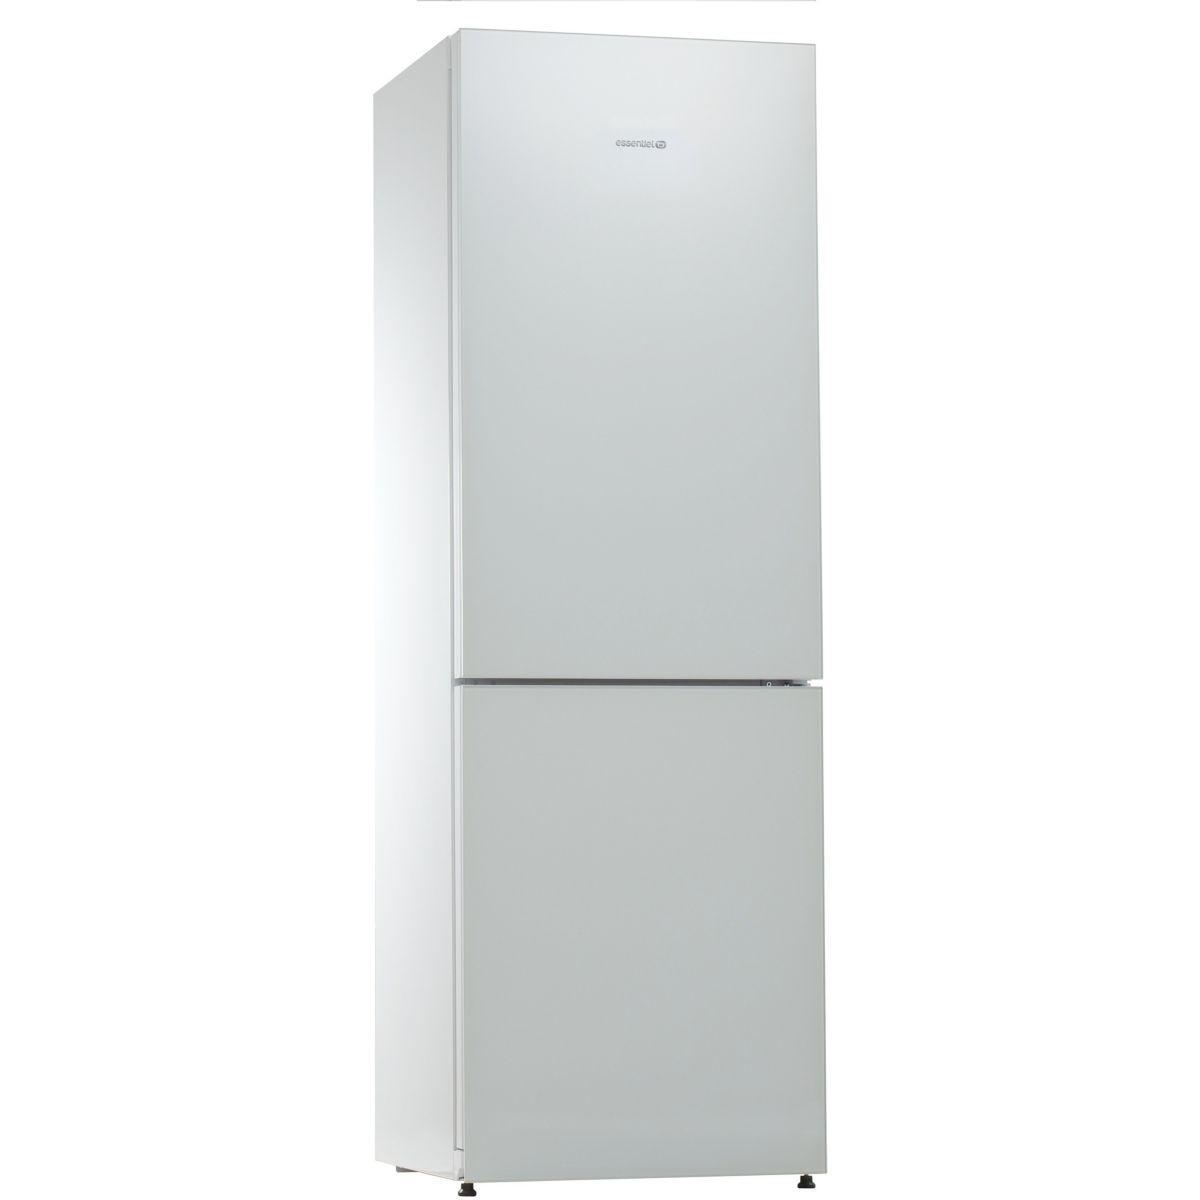 Réfrigérateur combiné ESSENTIELB ERCV185-60vb